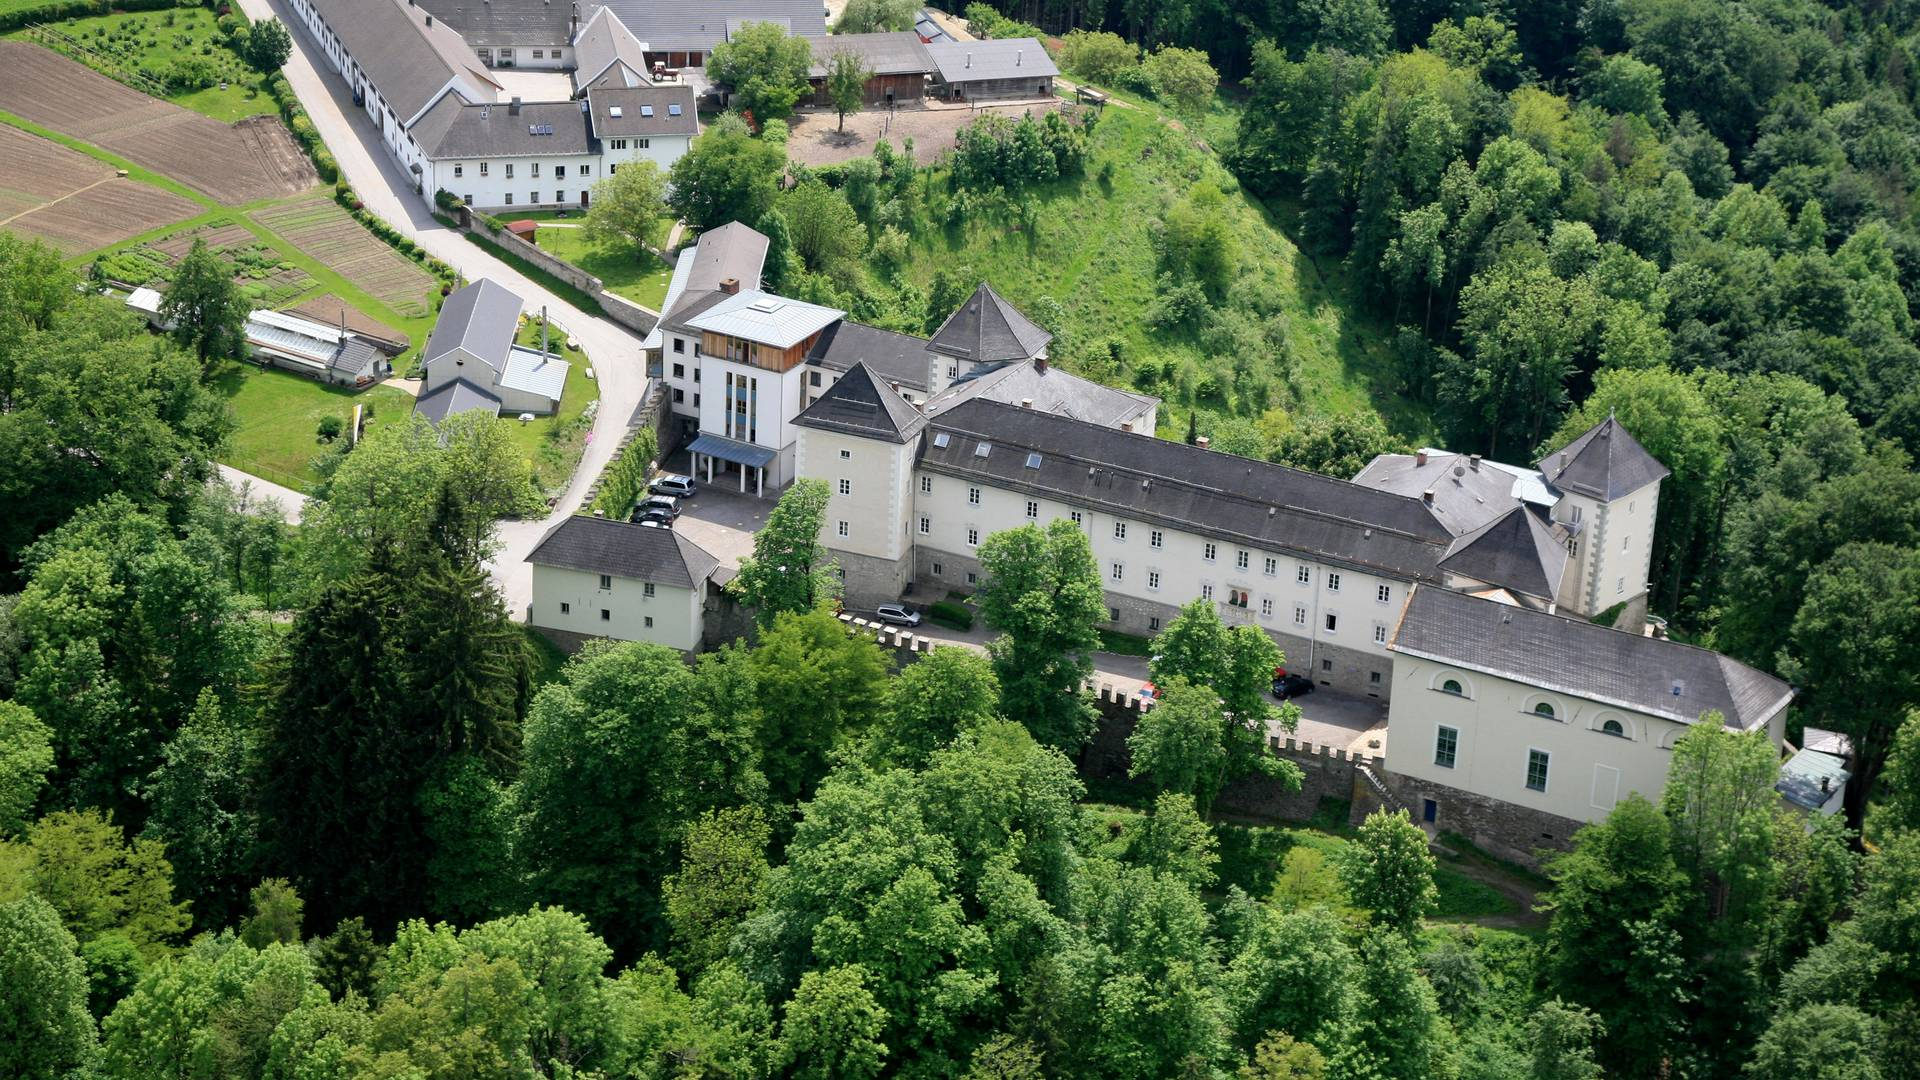 <p>Burgen und Schlösser in Kärnten, Kloster Wernberg</p>